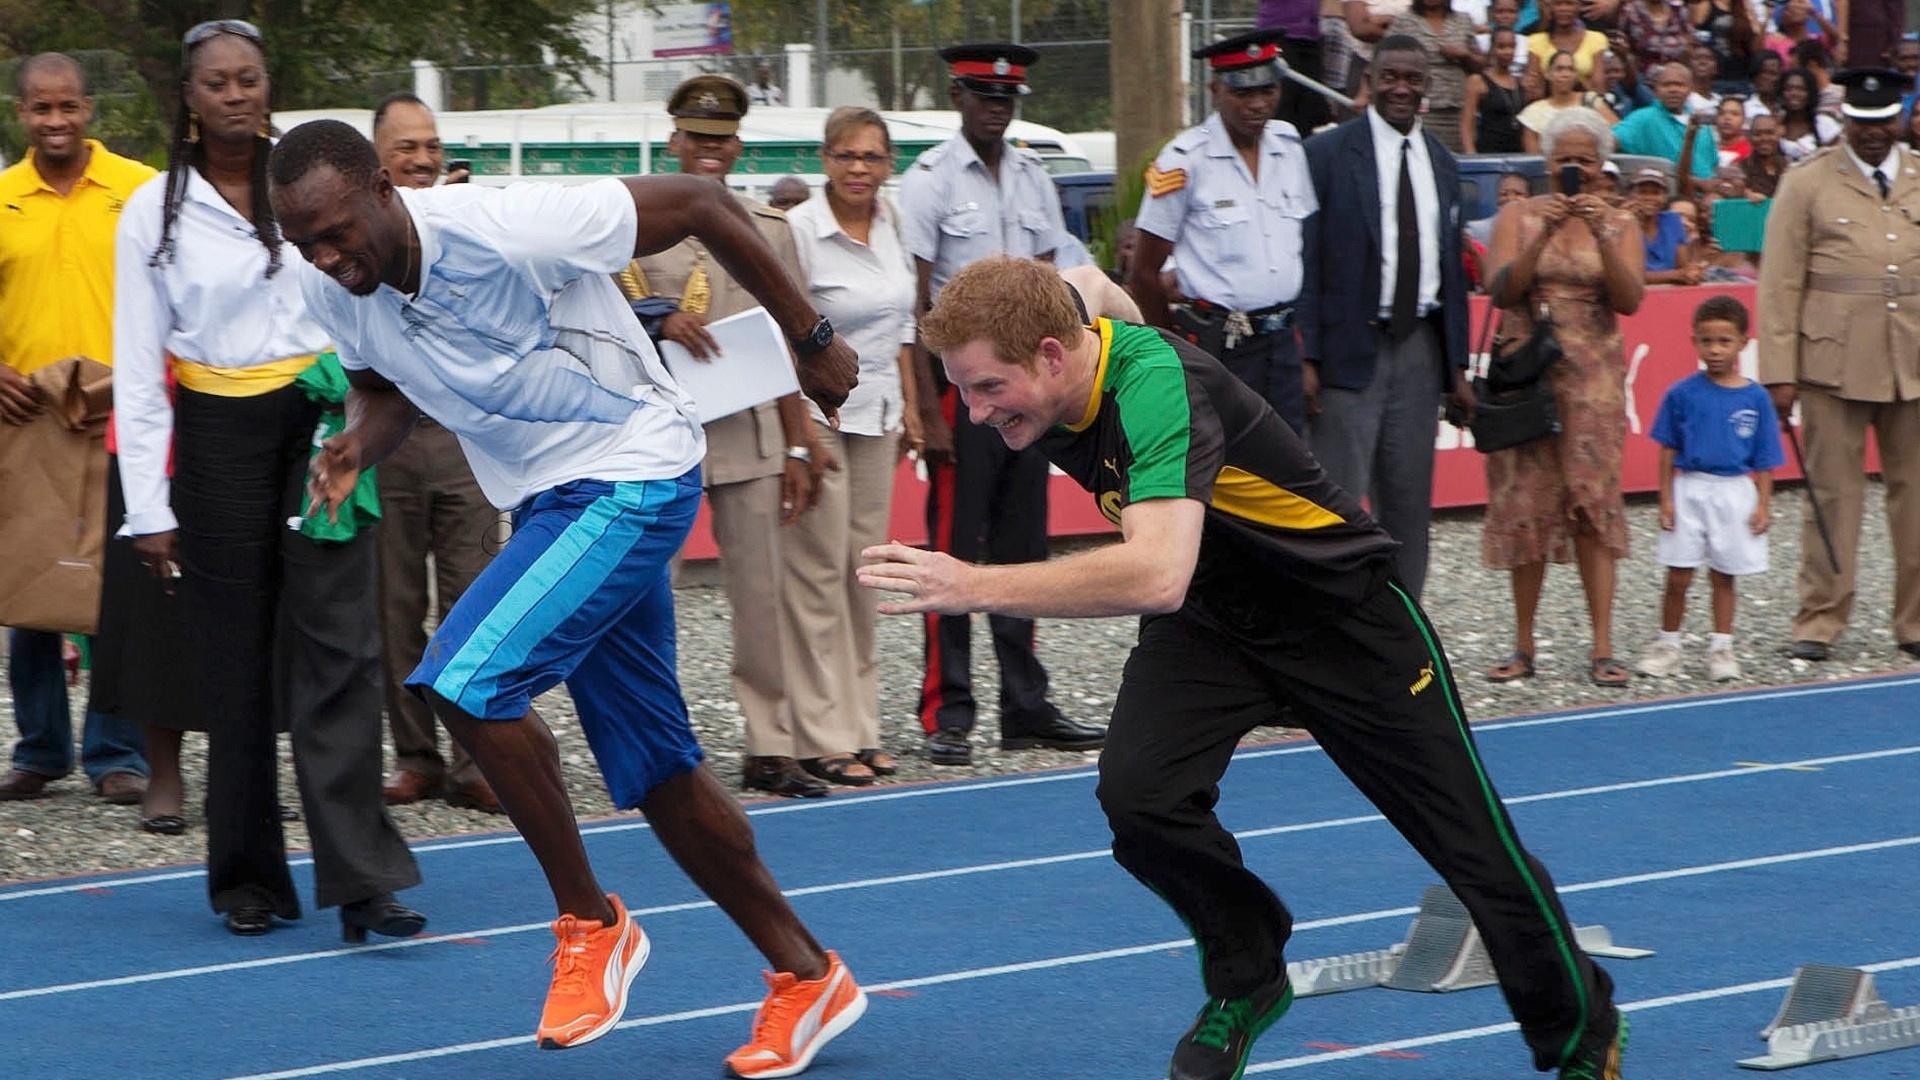 Príncipe Harry levou a sério o desafio contra o jamaicano campeão olímpico dos 100 m e 200 m